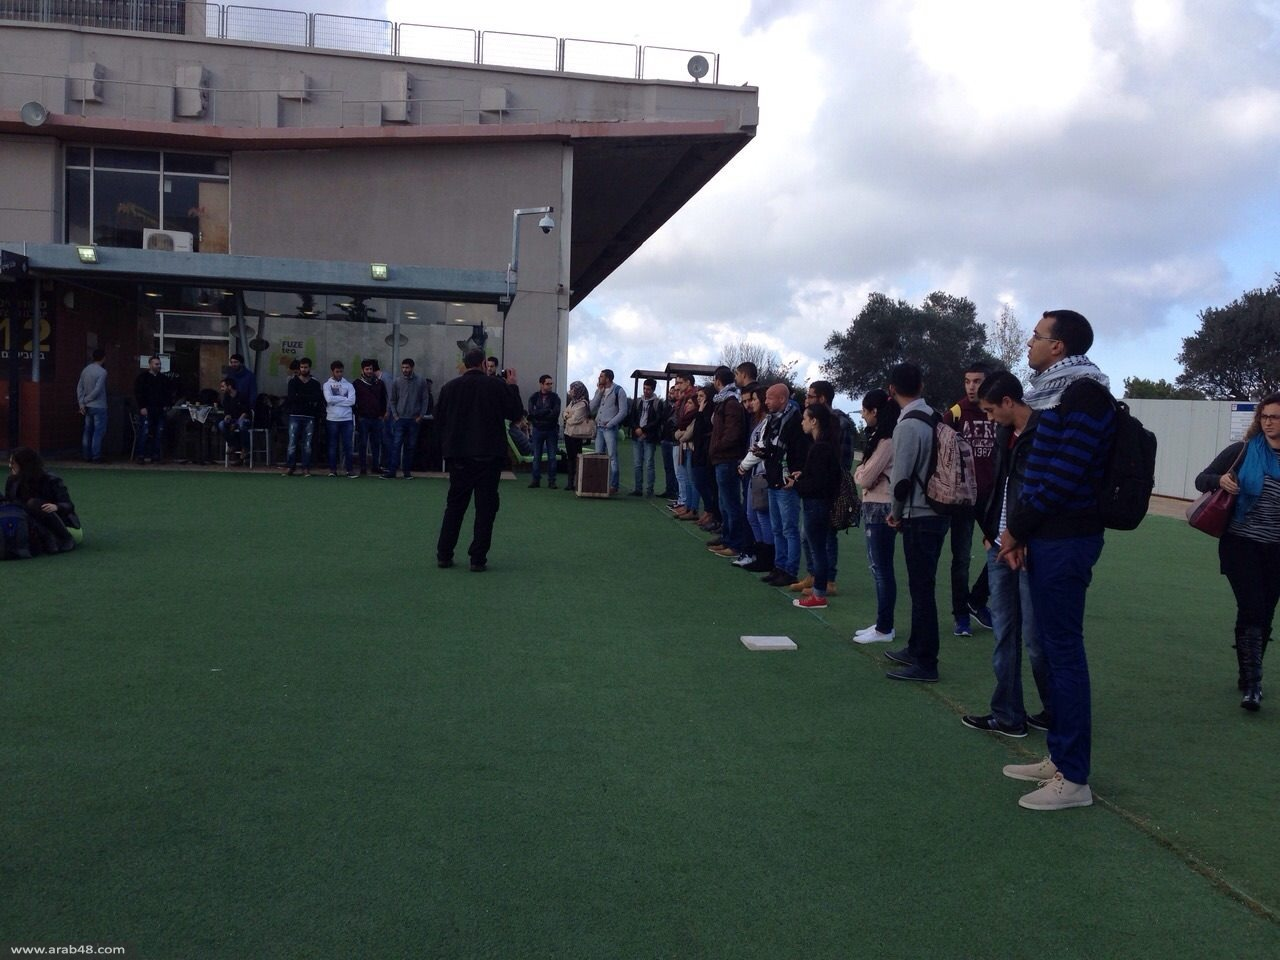 جامعة حيفا: الطلاب العرب يقفون حدادًا على روح الشهيد راموني